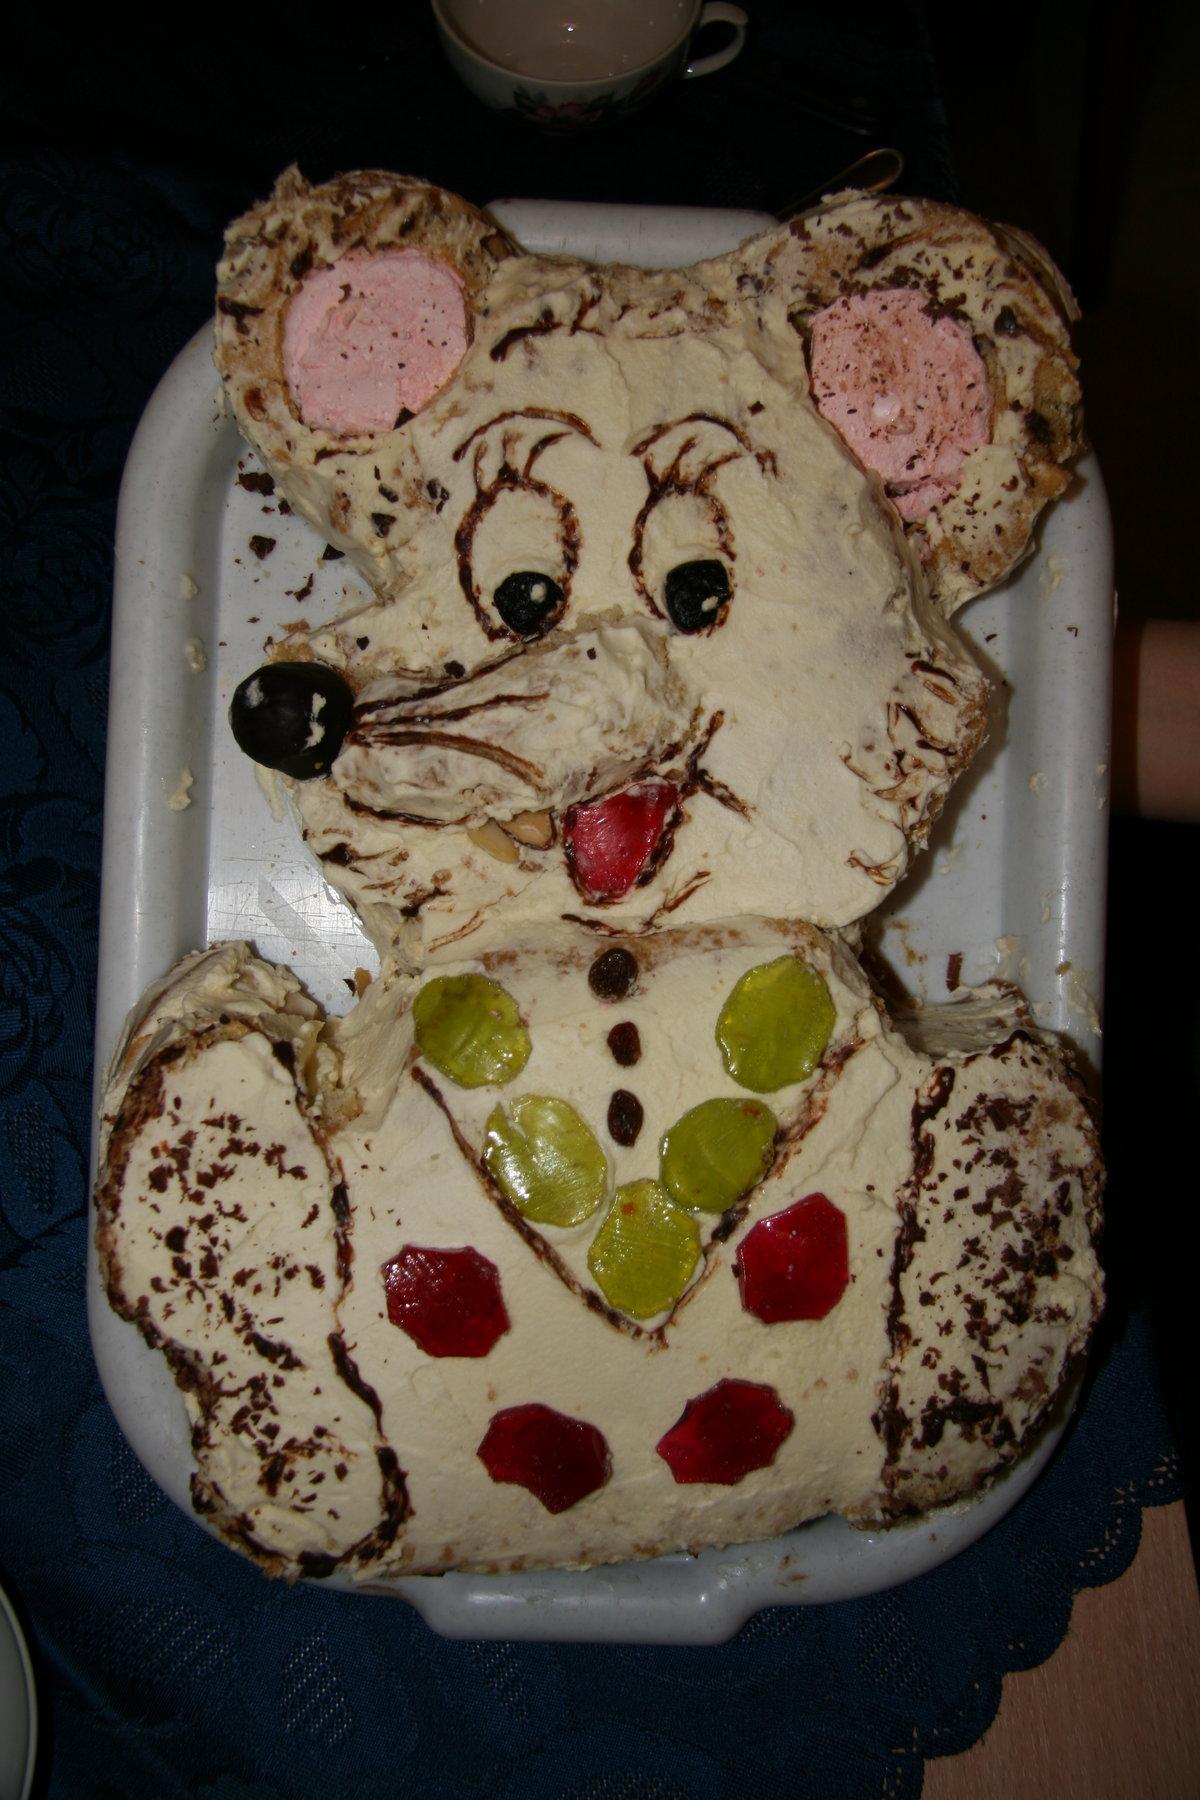 И завершая подборку супер-креативный торт! Даже зубы есть!